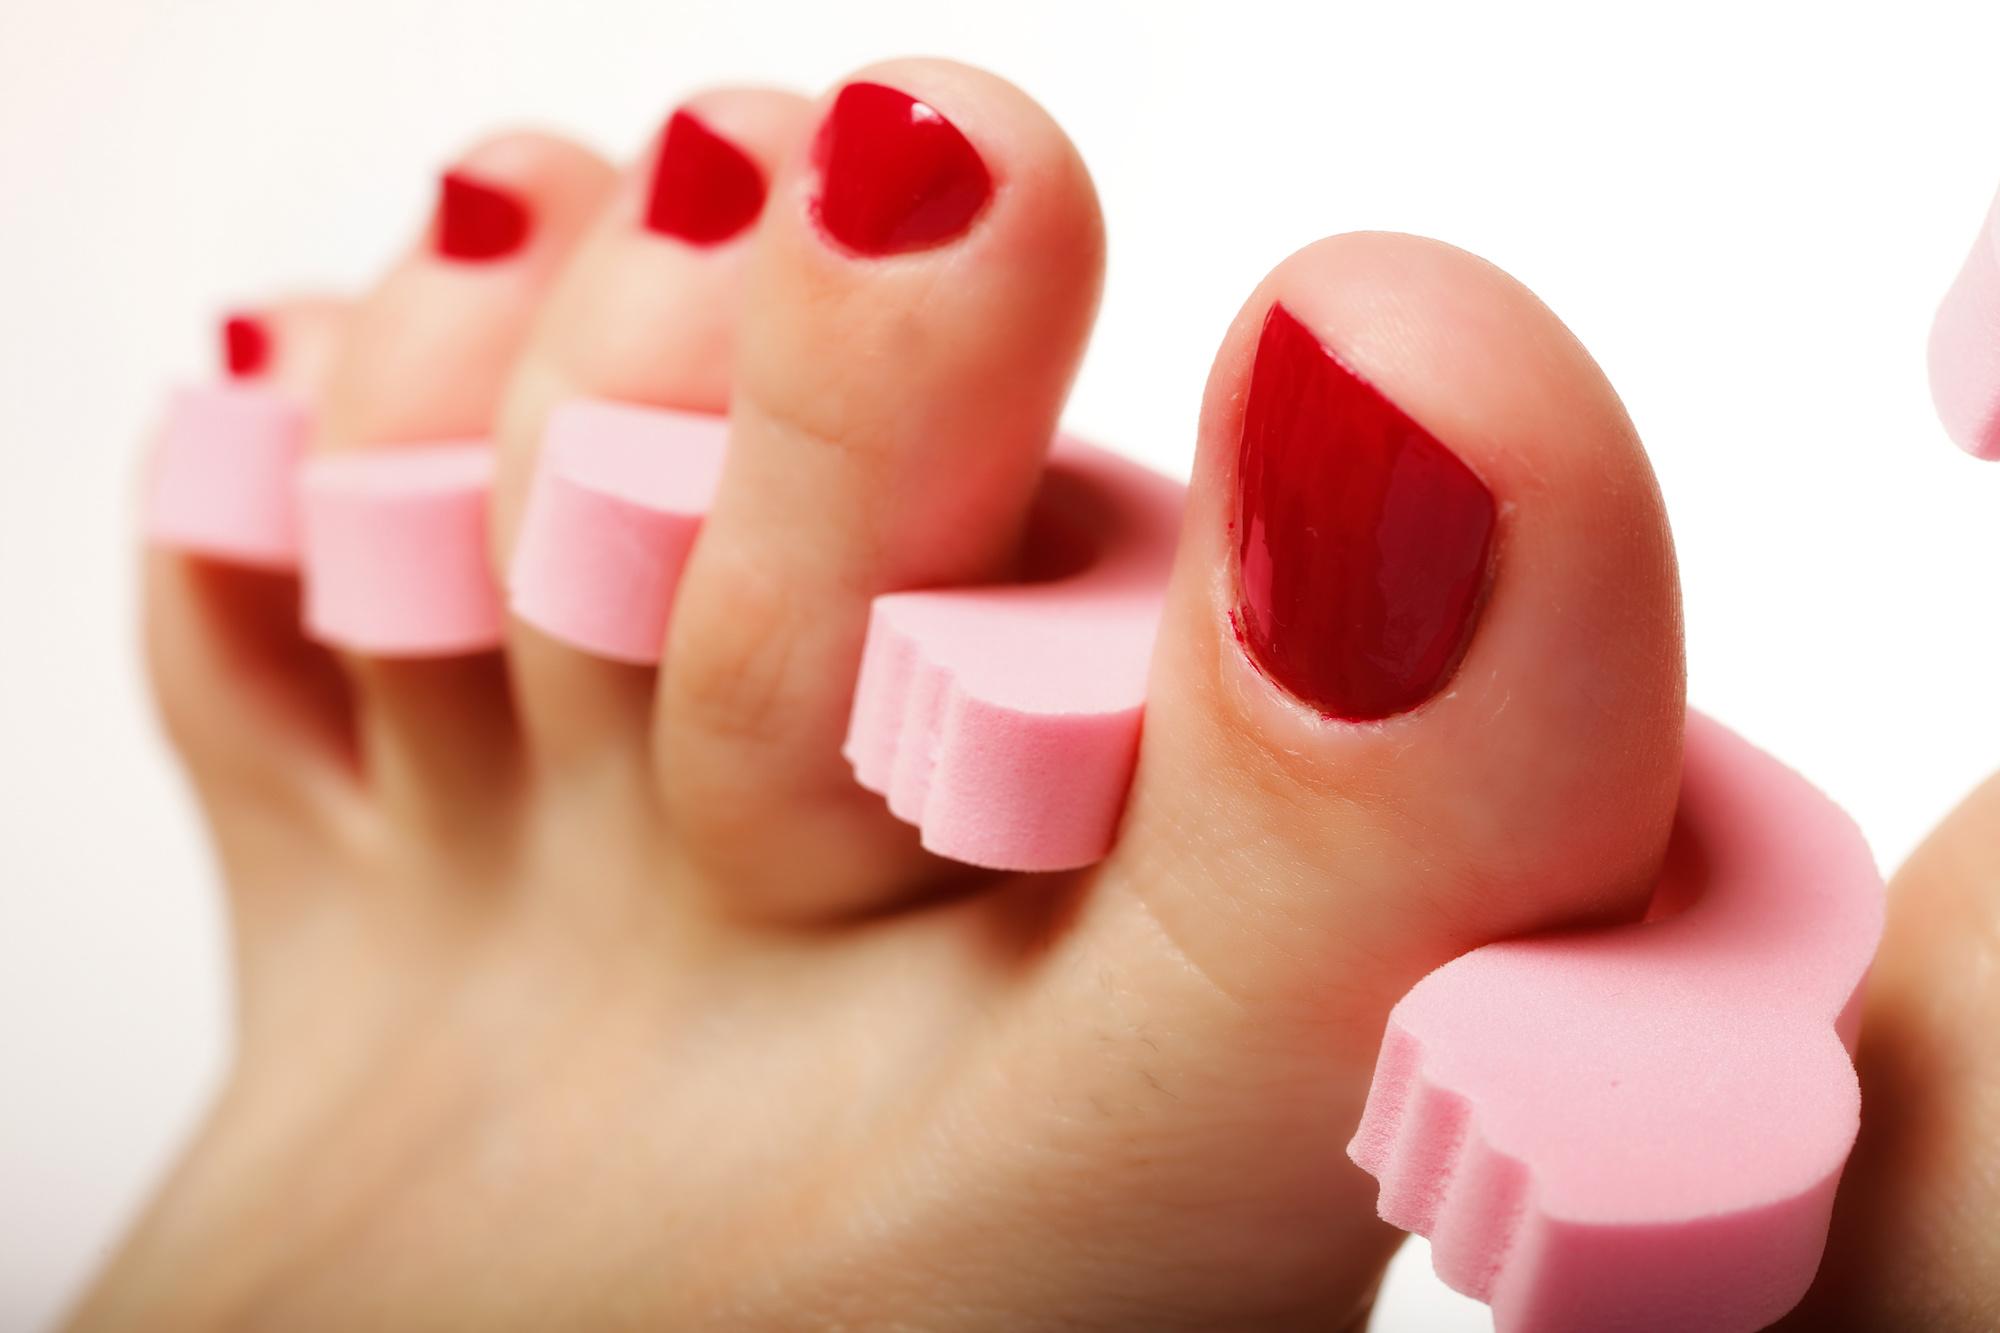 Красить ногти на ногах разными цветами фото